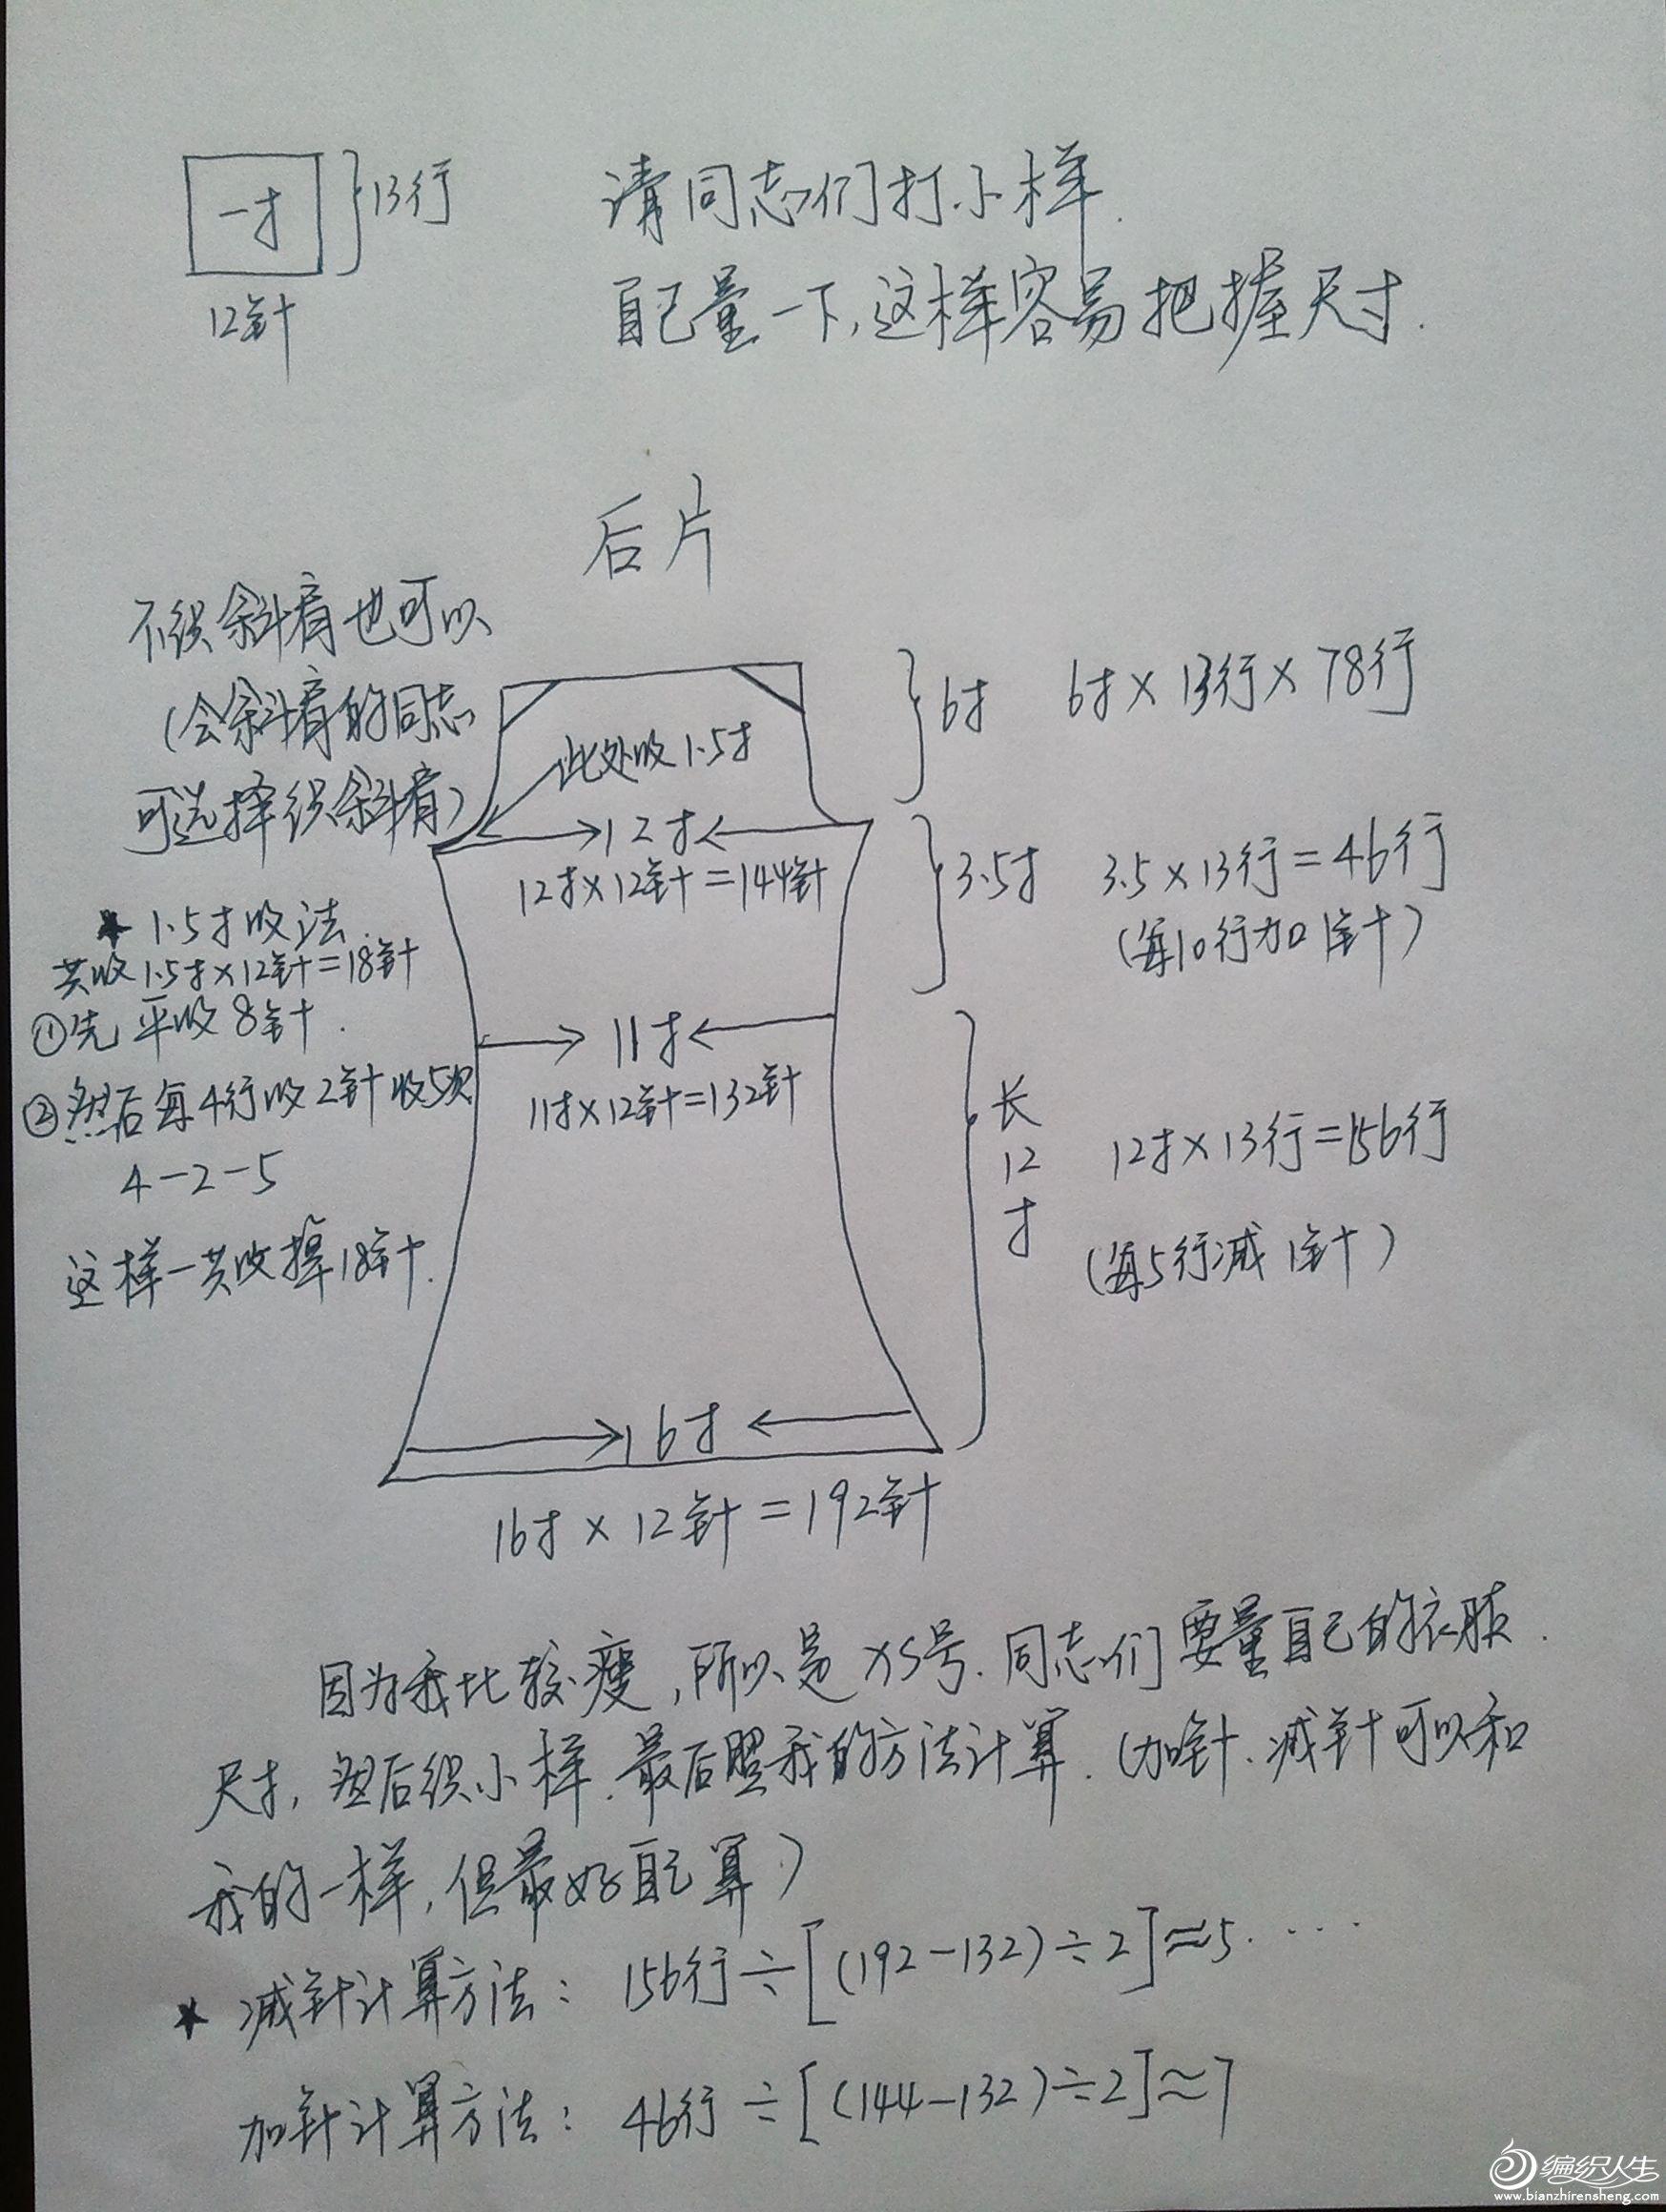 2012-09-22 15.55.27.jpg